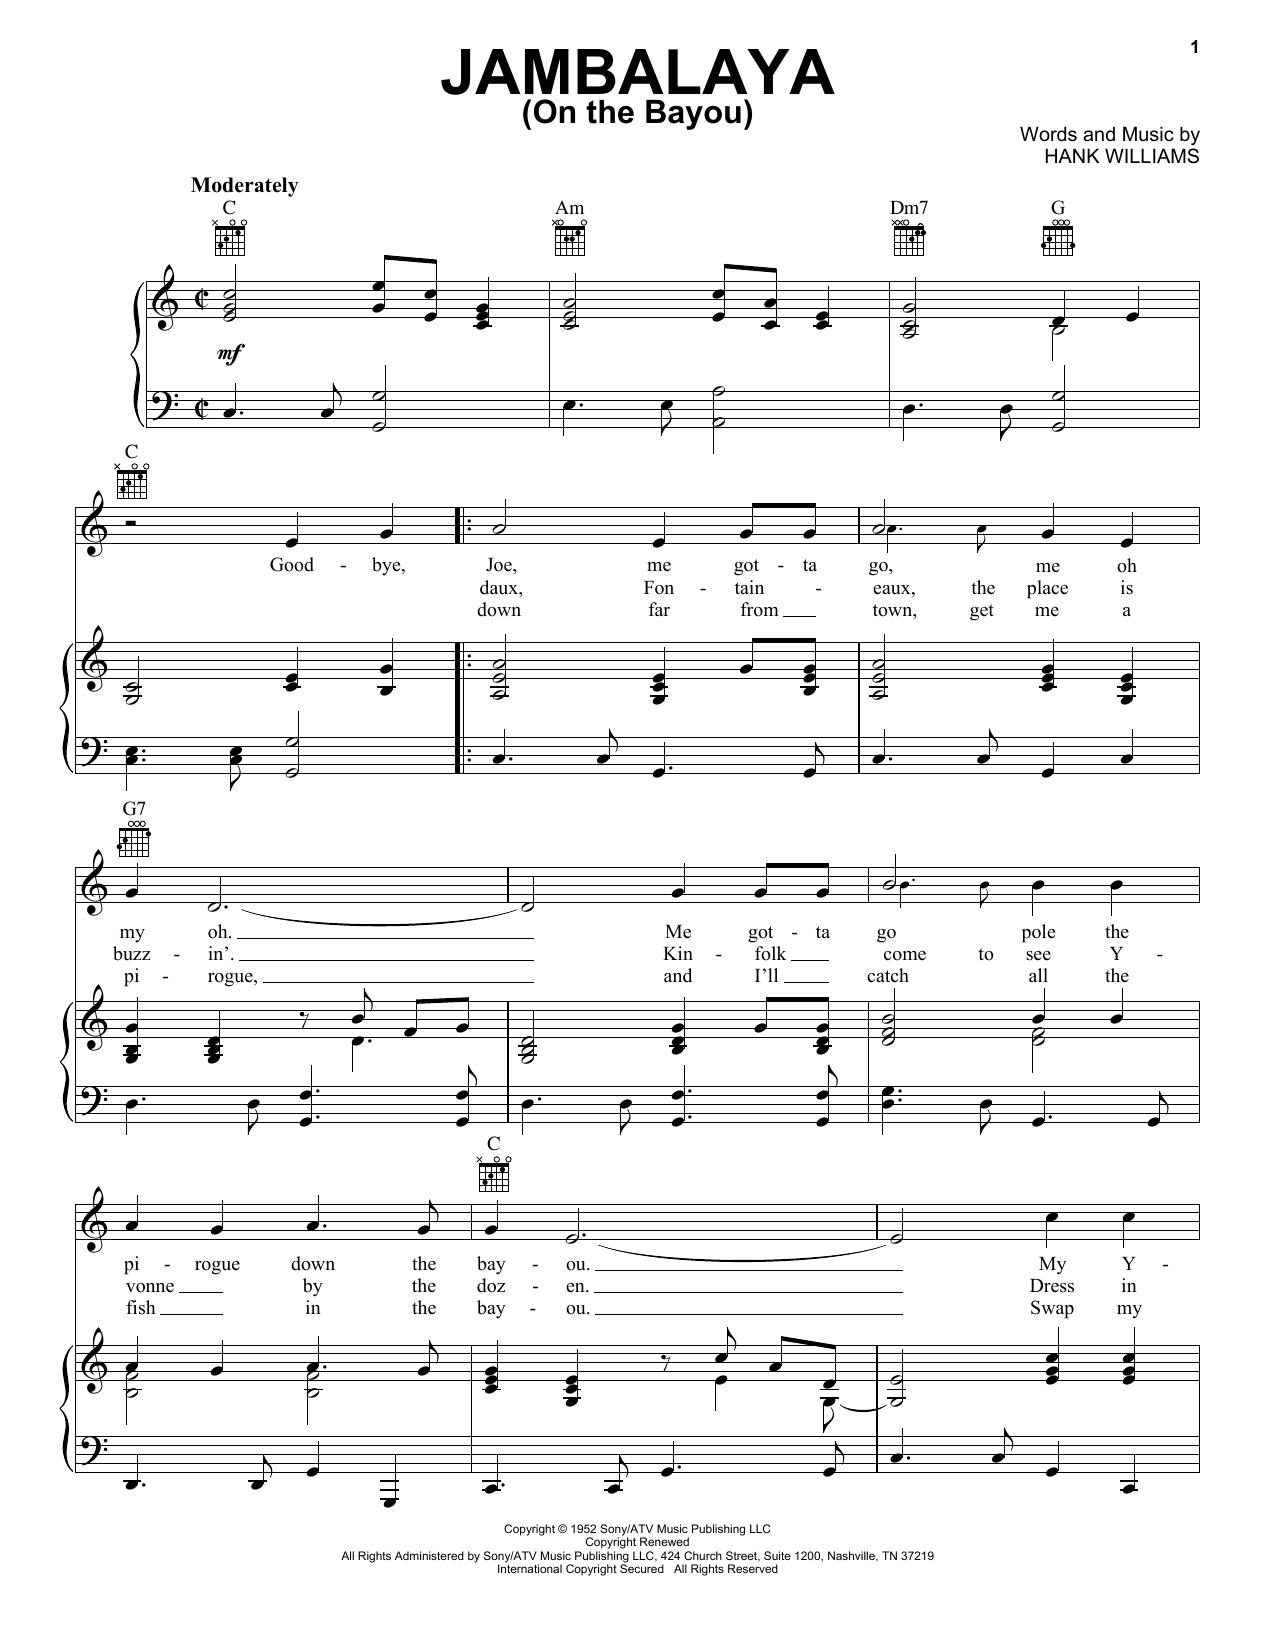 Hank Williams Jambalaya (On The Bayou) sheet music notes printable PDF score